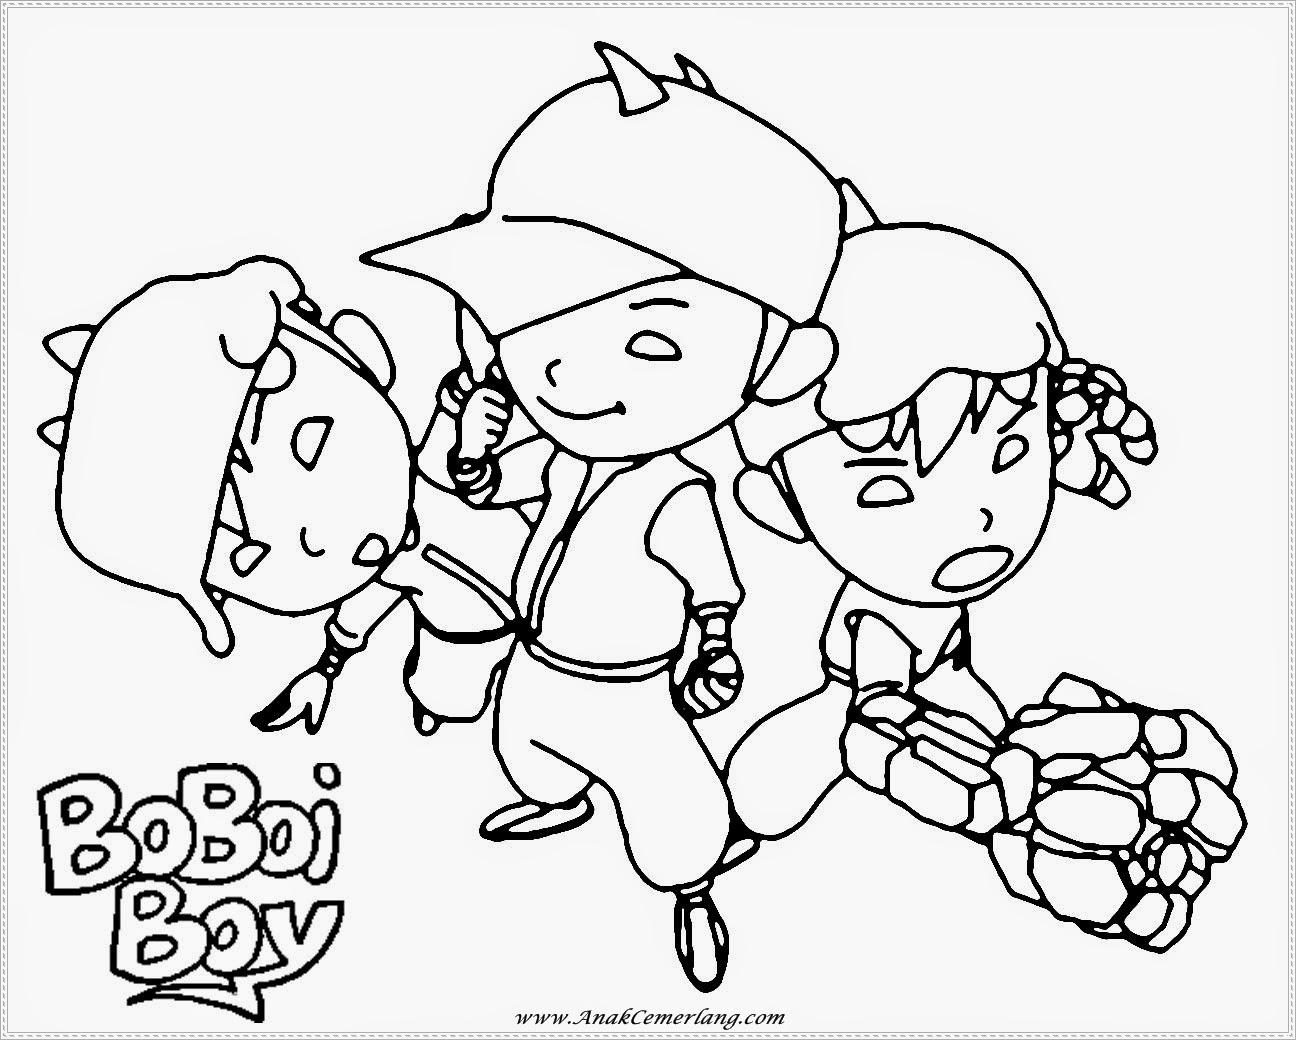 Download Gambar Mewarnai Boboiboy